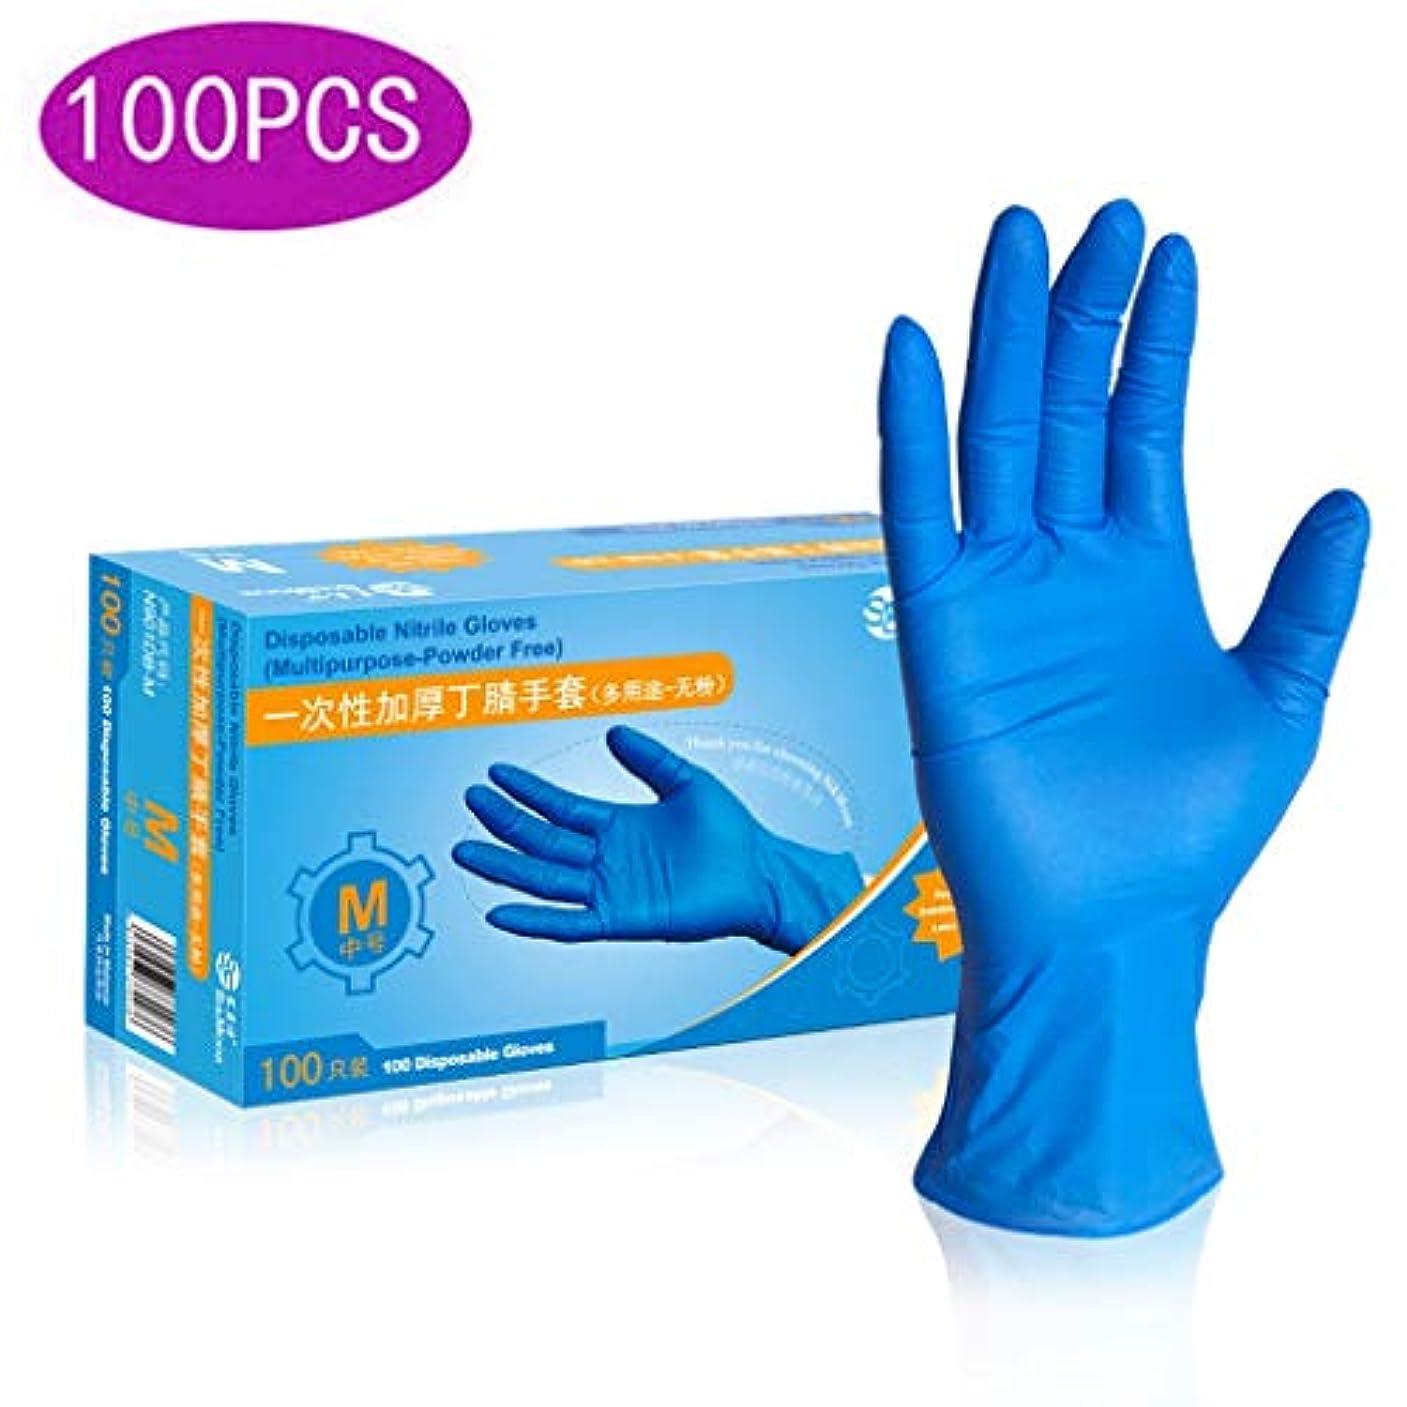 空白ボトル罰使い捨てラテックス手袋使い捨てニトリル実験用食用油や耐酸グレード (Color : 9 inch, Size : M)